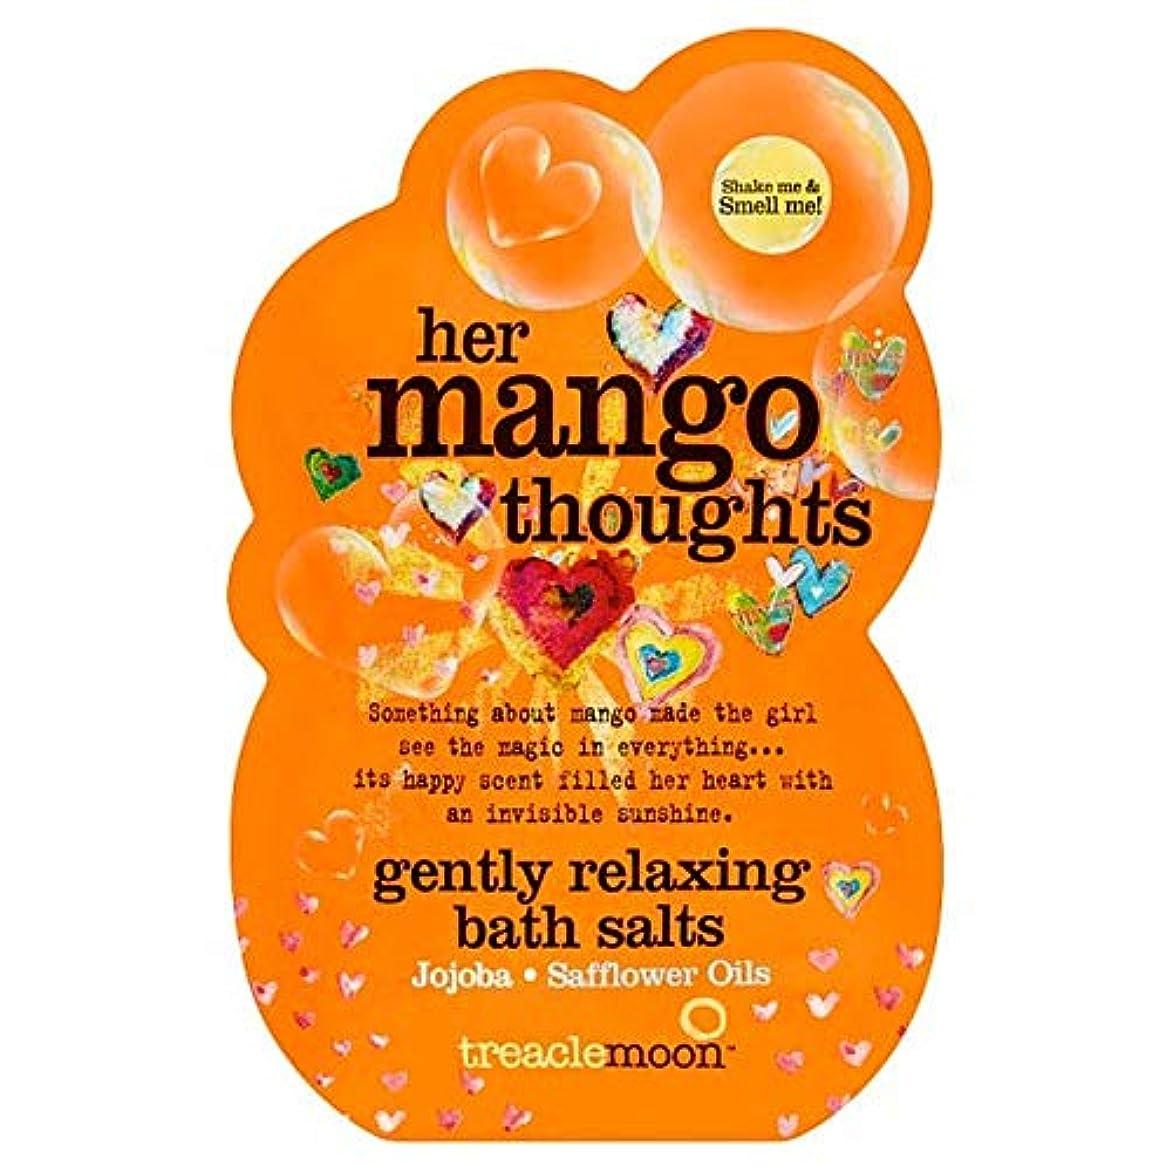 破産並外れた[Treacle Moon] Treaclemoonマンゴー思考のバスソルトの80グラム - Treaclemoon Mango Thoughts Bath Salts 80G [並行輸入品]